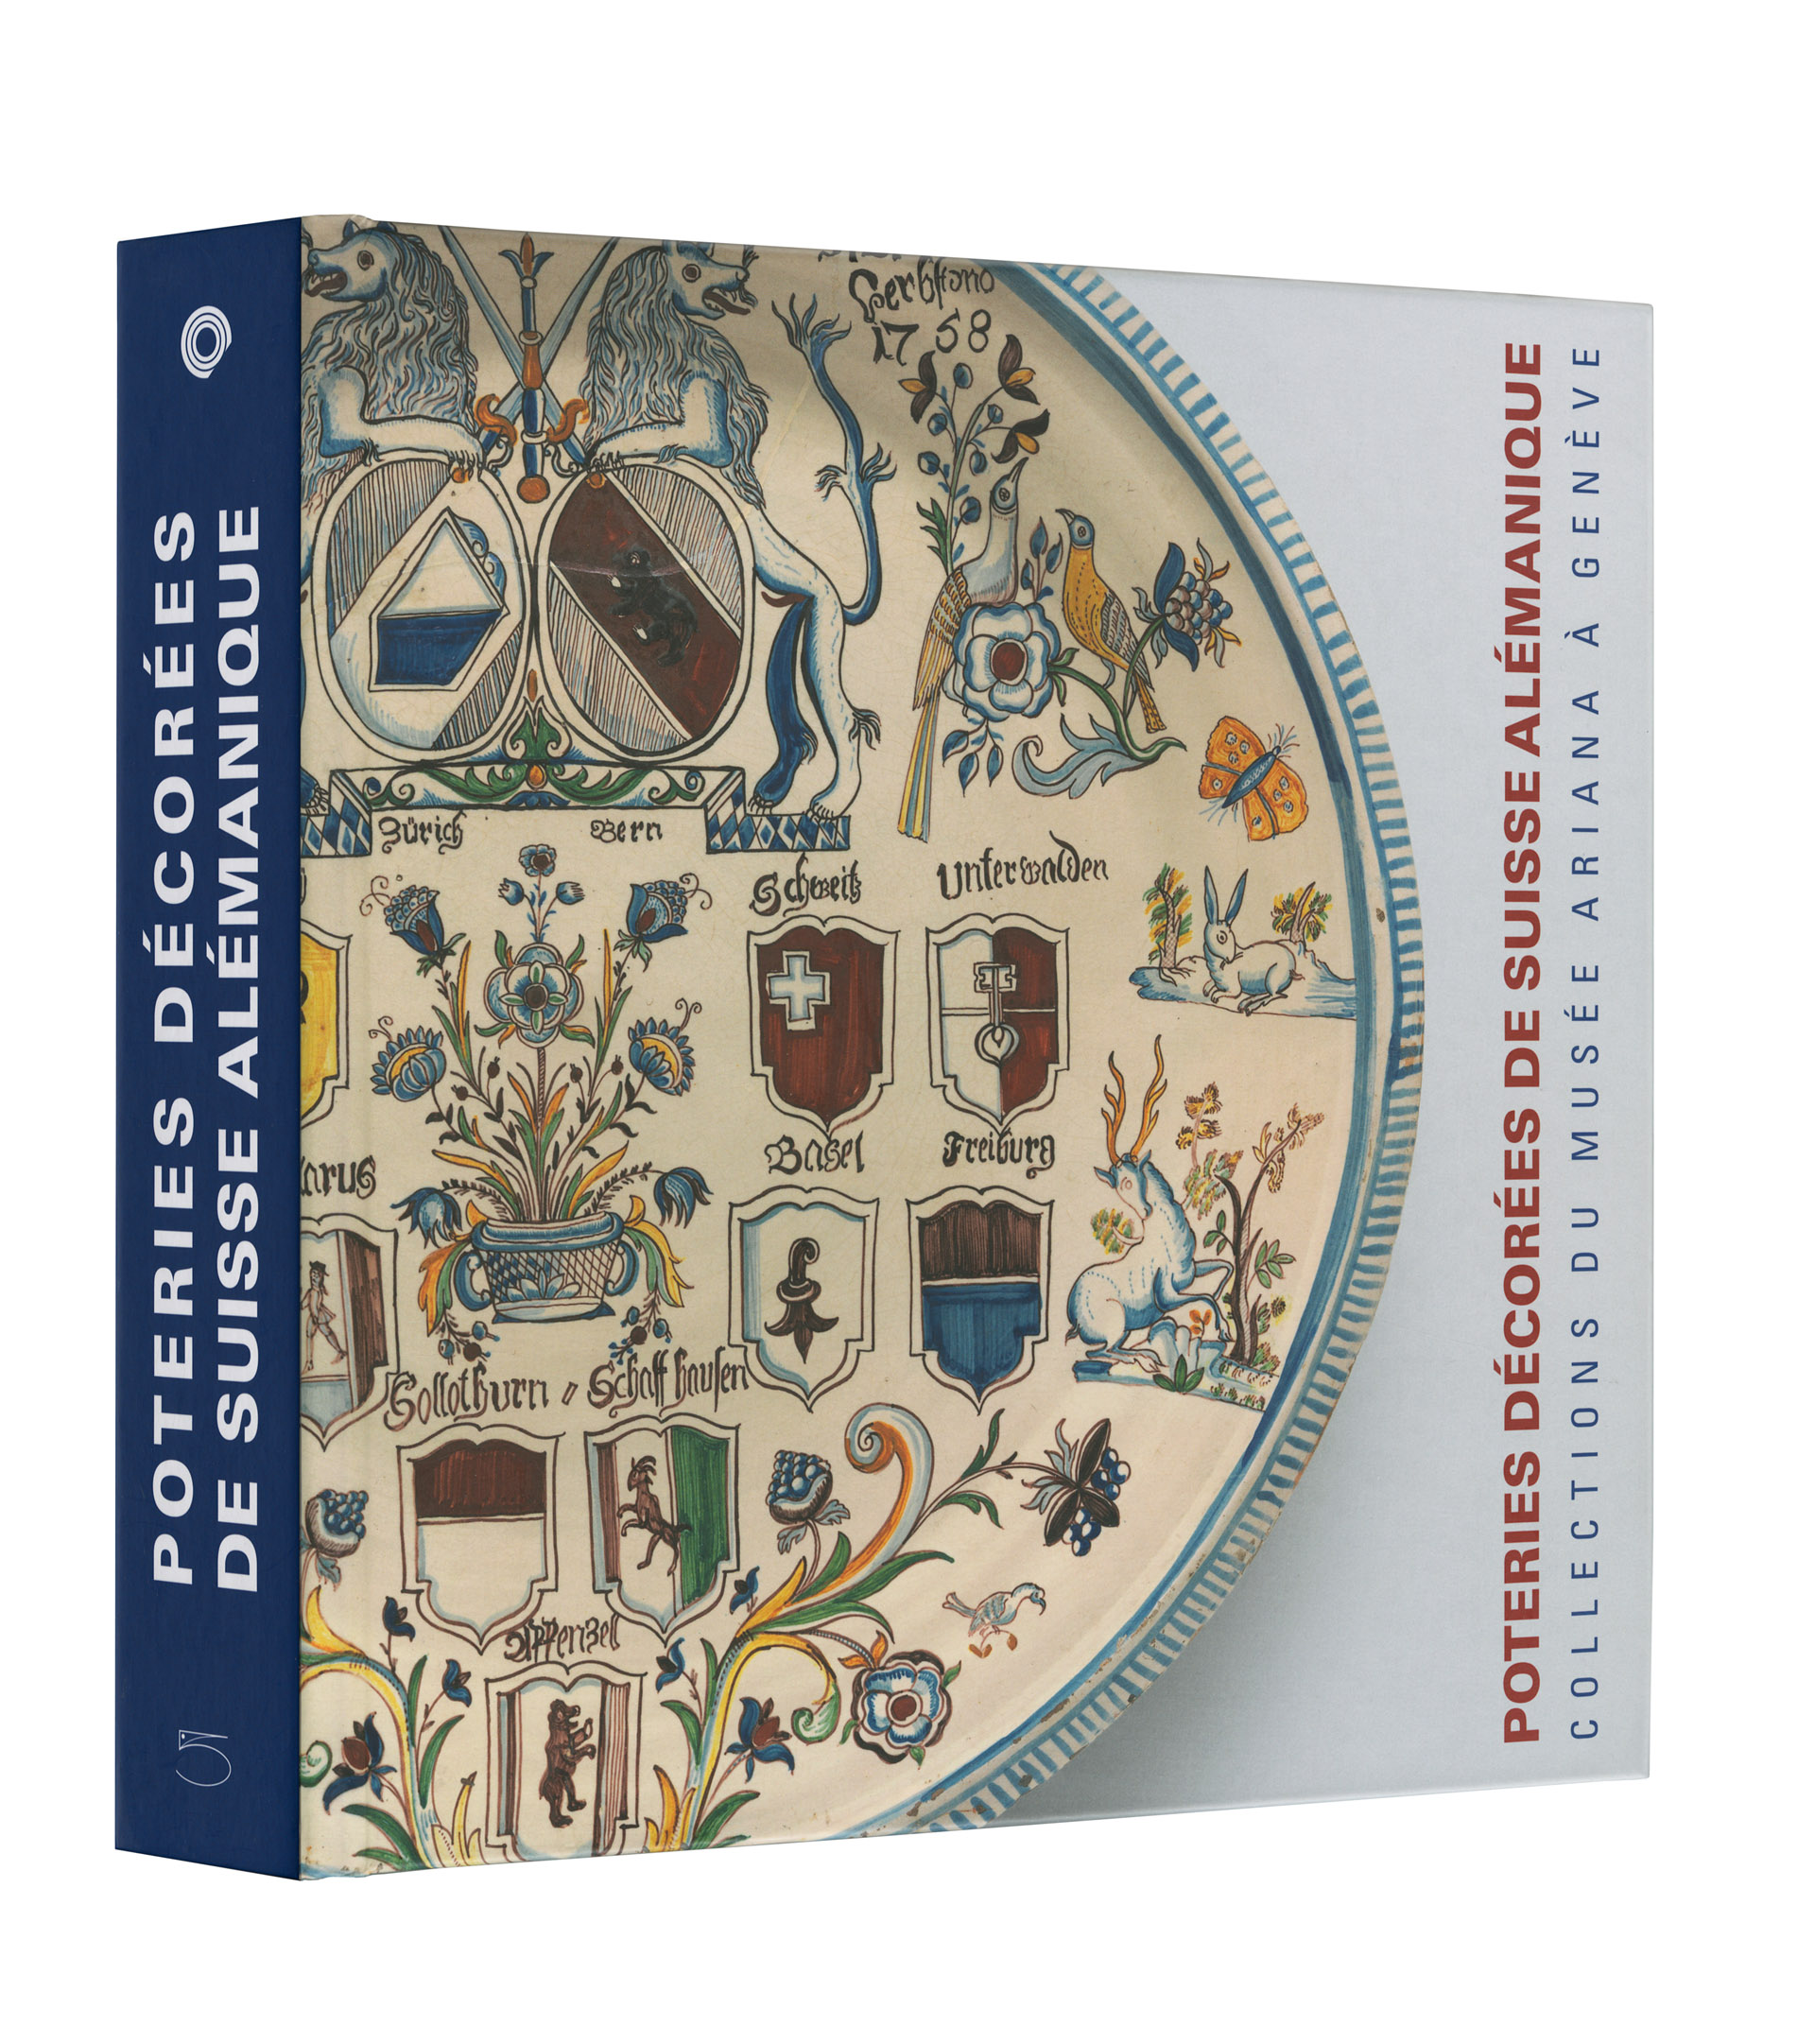 Poteries décorées de Suisse alémanique | 5 Continents Editions